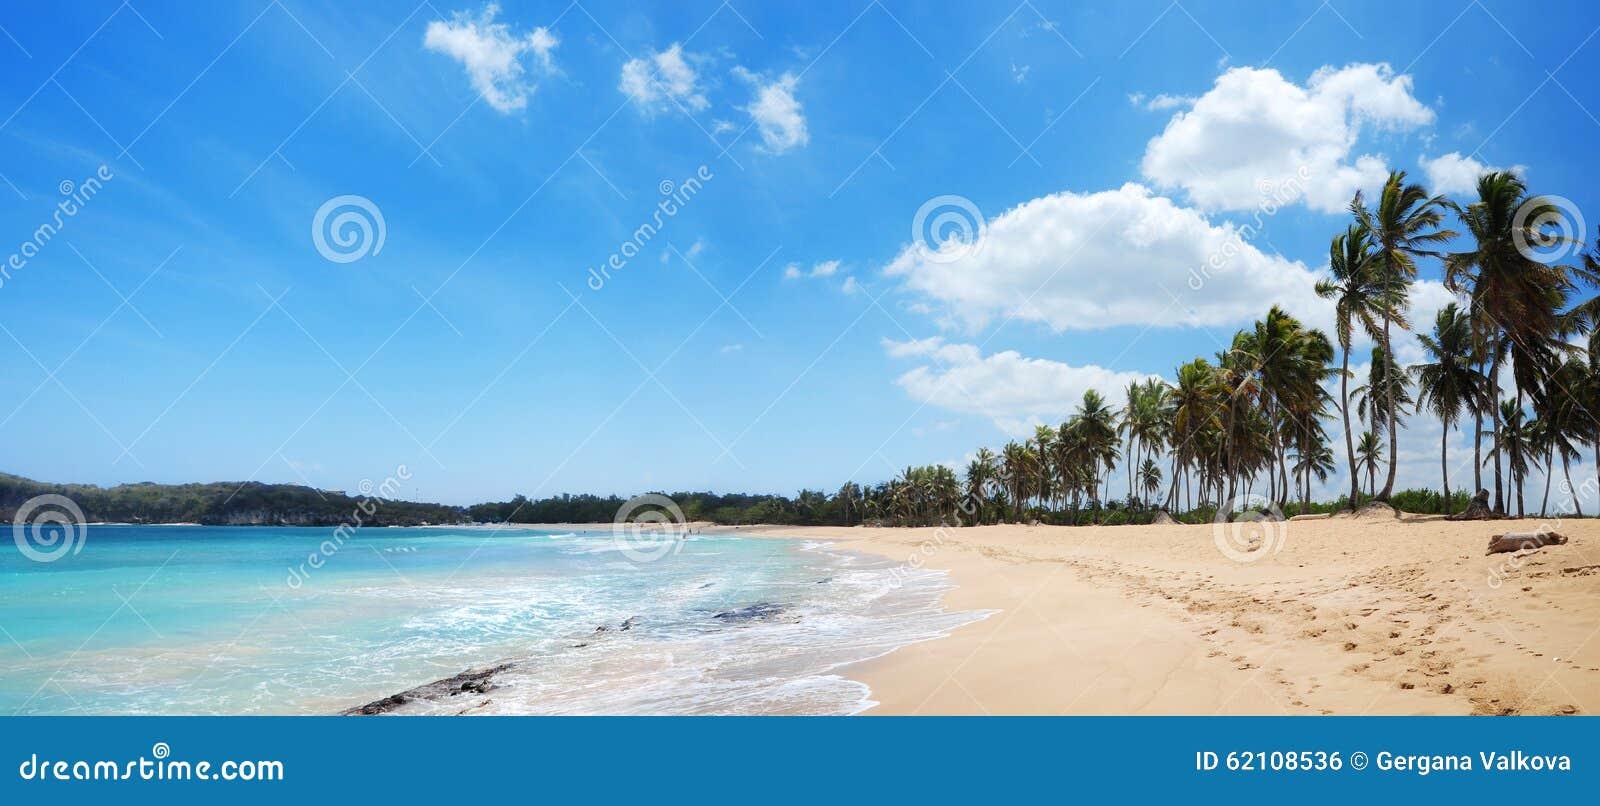 Praia exótica com palmas e as areias douradas na República Dominicana,